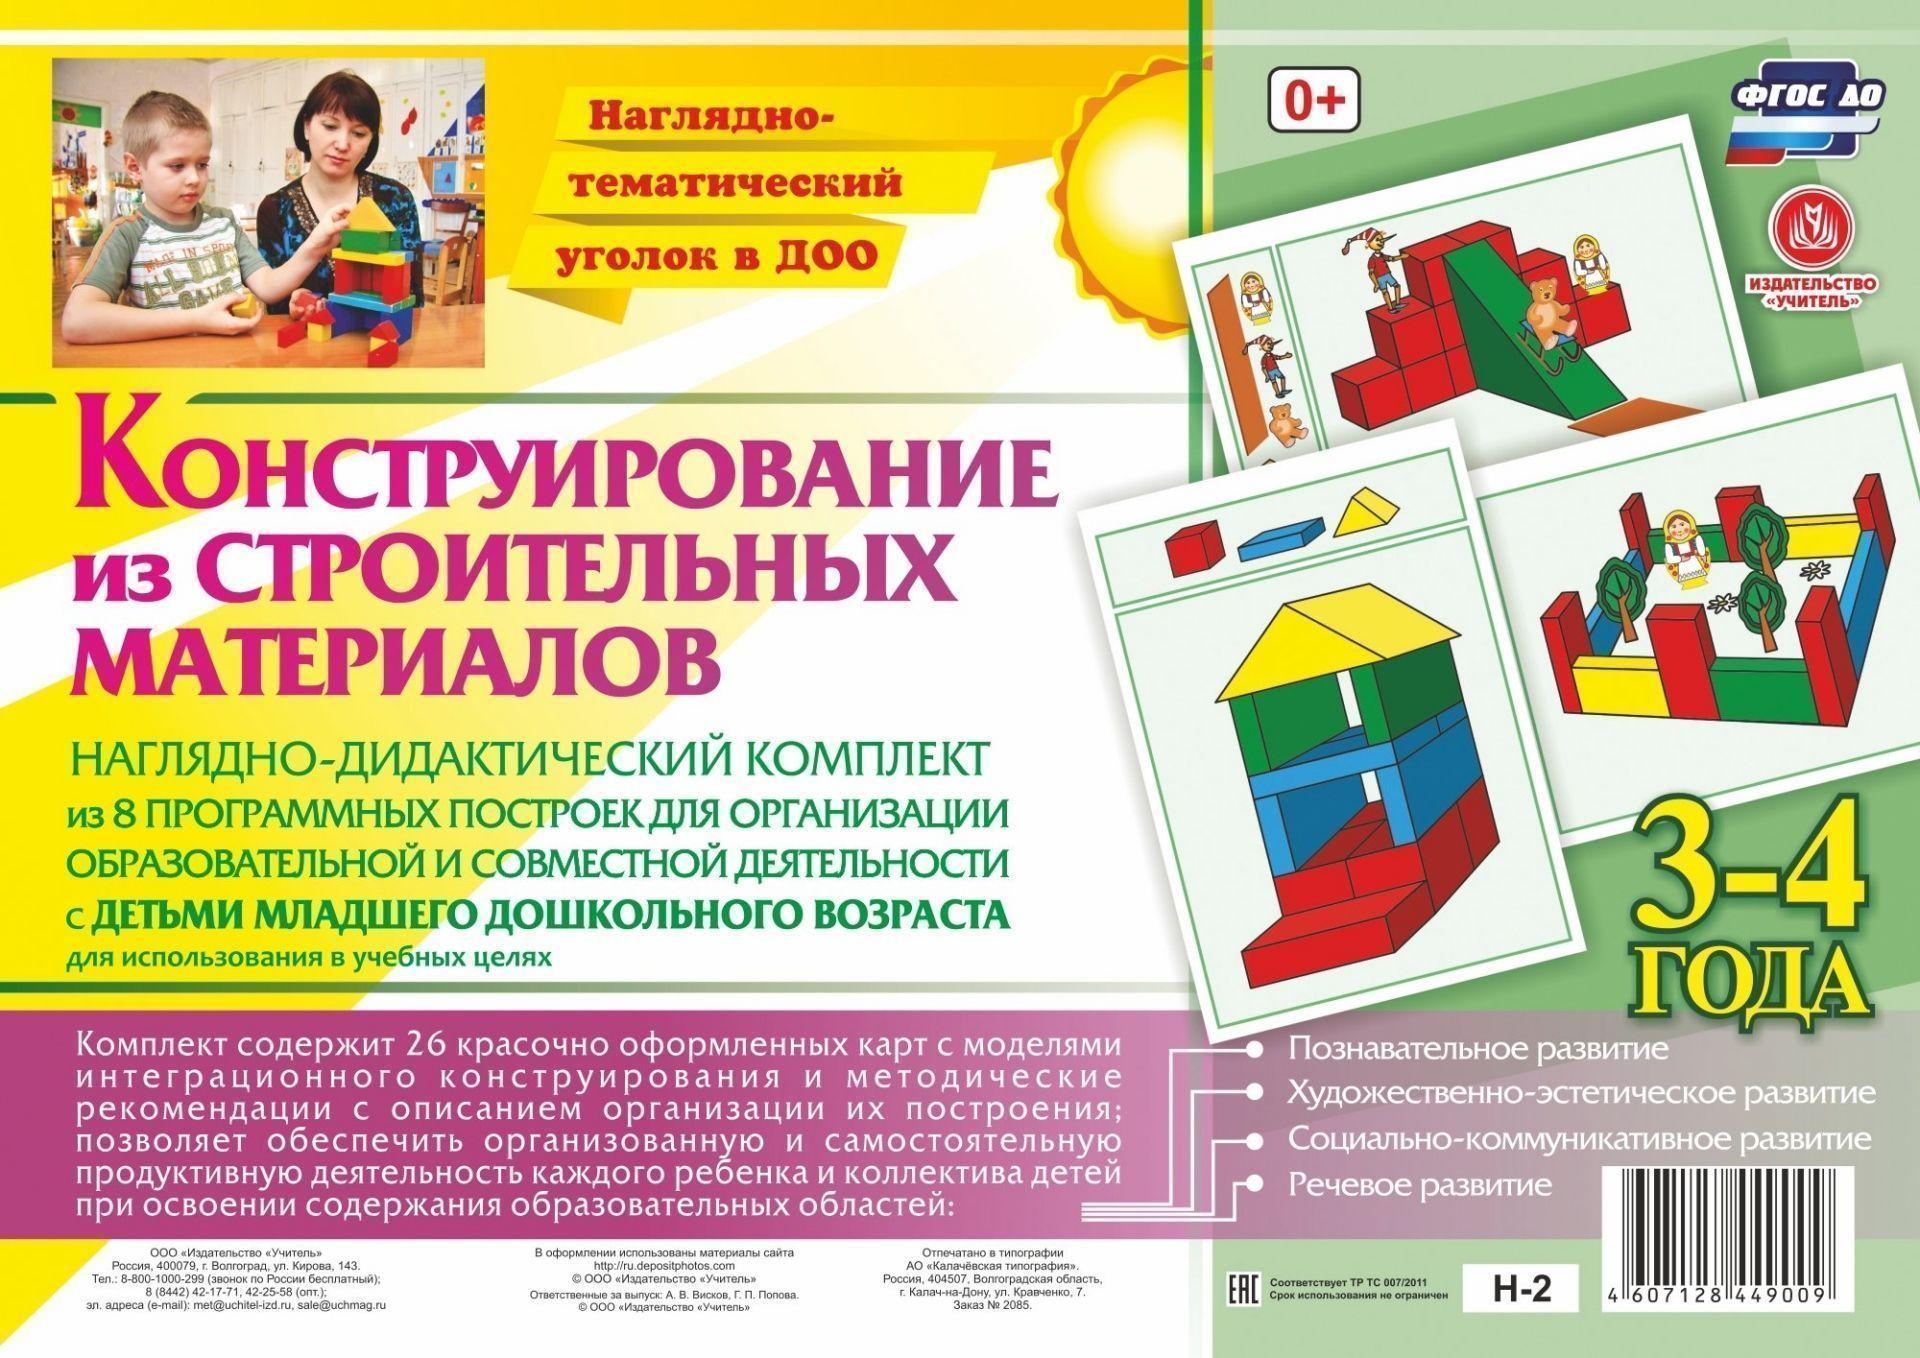 Купить со скидкой Наглядно-дидактический комплект. Конструирование. 26 цветных иллюстраций формата А4 на картоне. 3-4